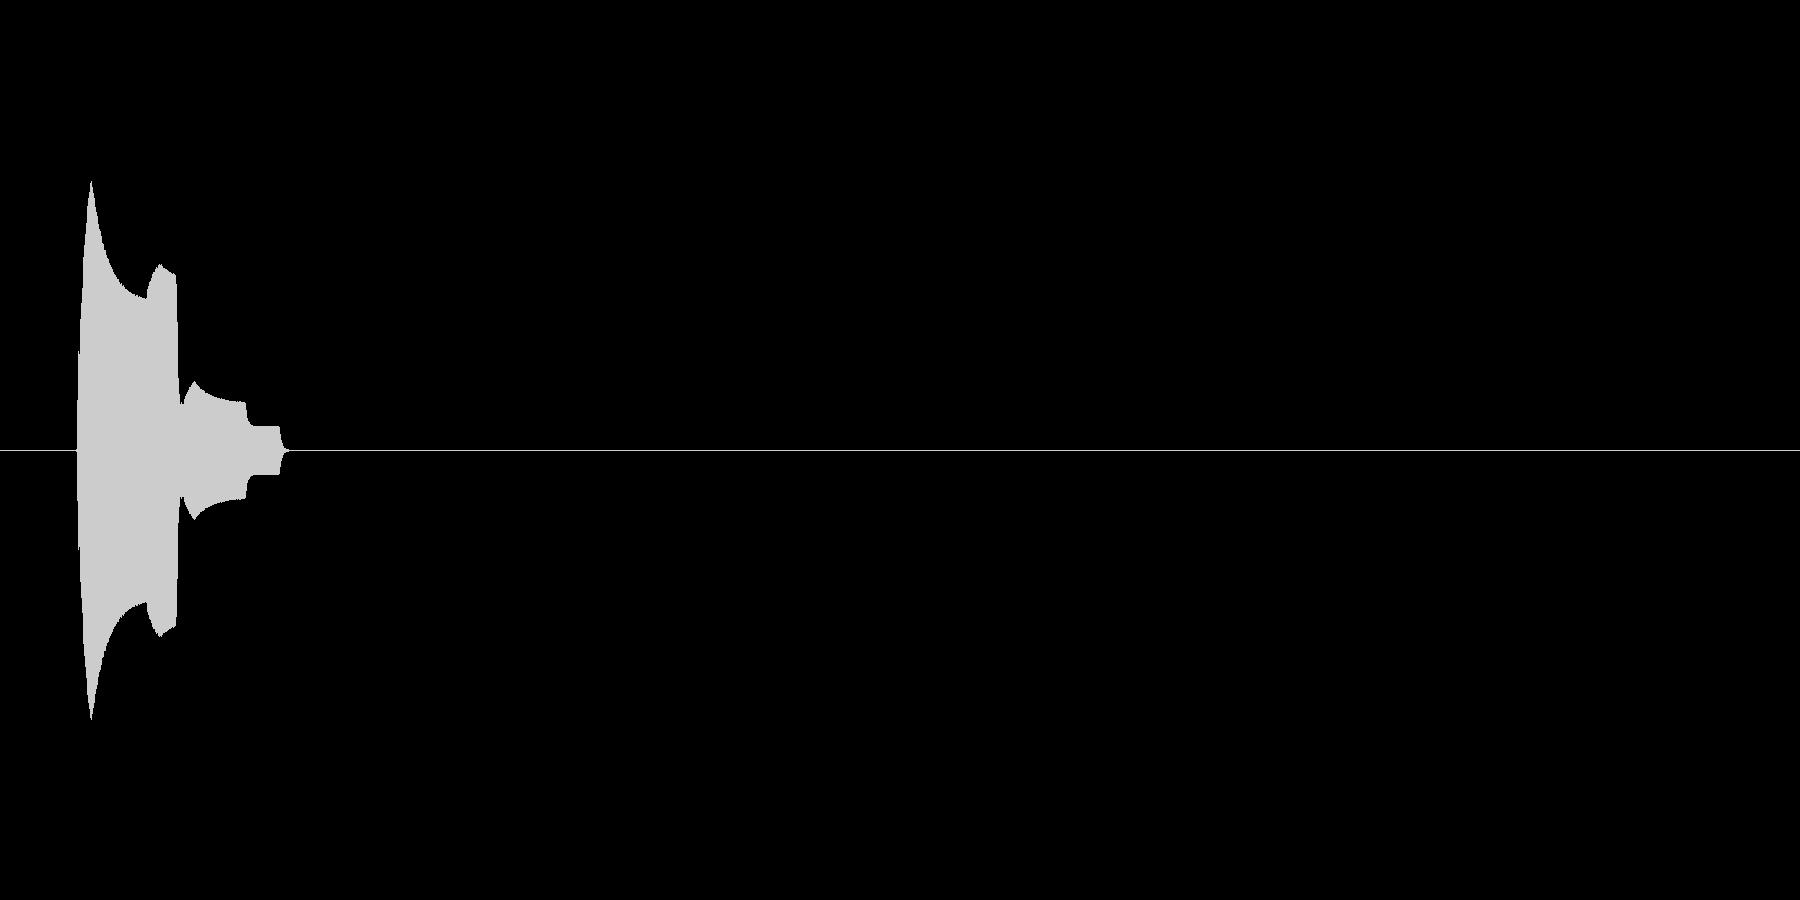 シンプルな選択音(ピッ、UI・システム)の未再生の波形